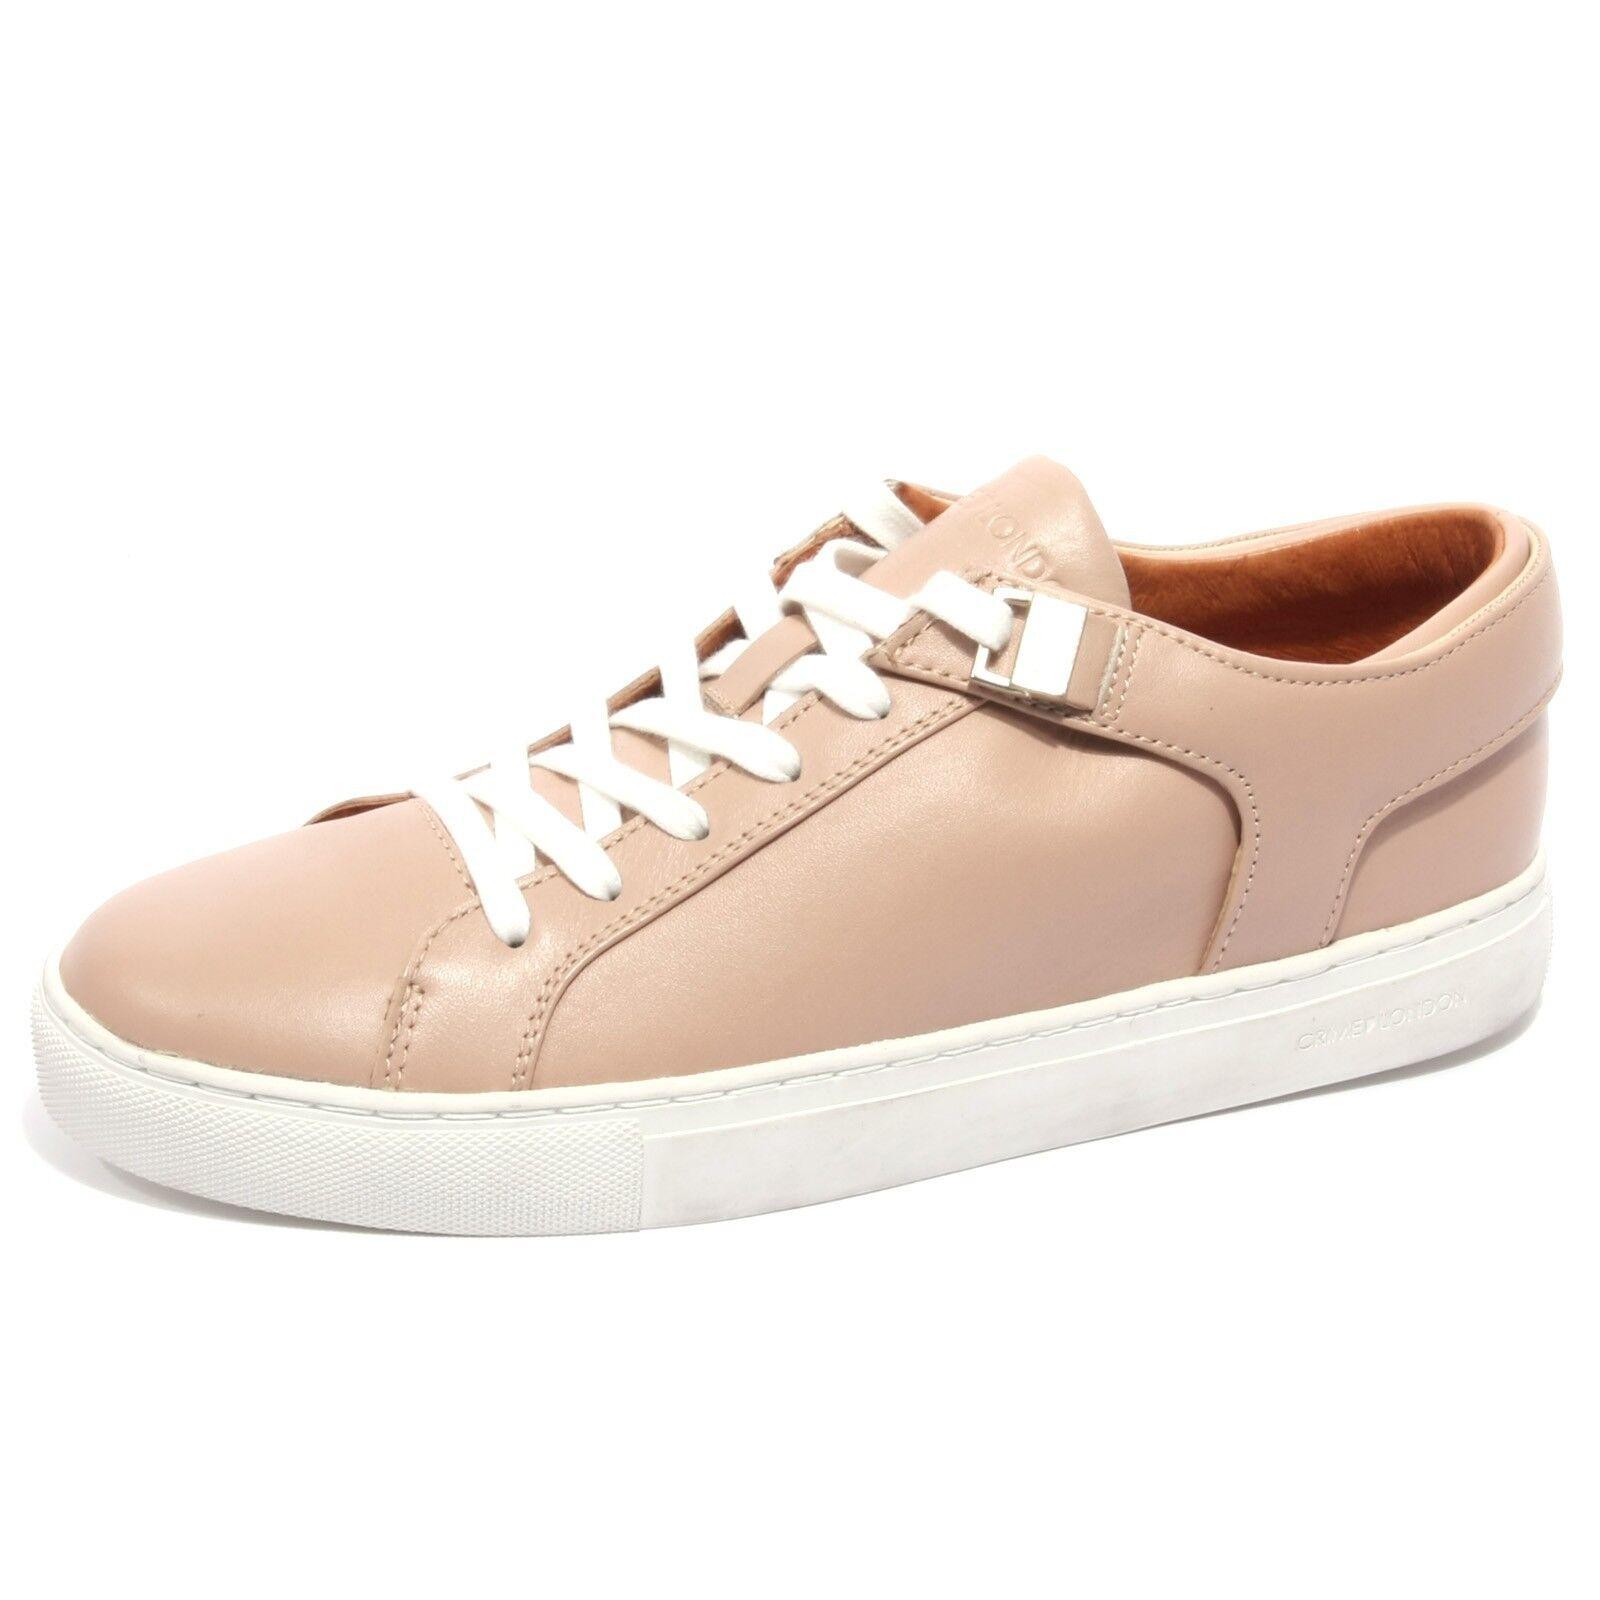 B2166 B2166 B2166 tenis mujer crimen rosado Scarpa Zapato Mujer  comprar descuentos